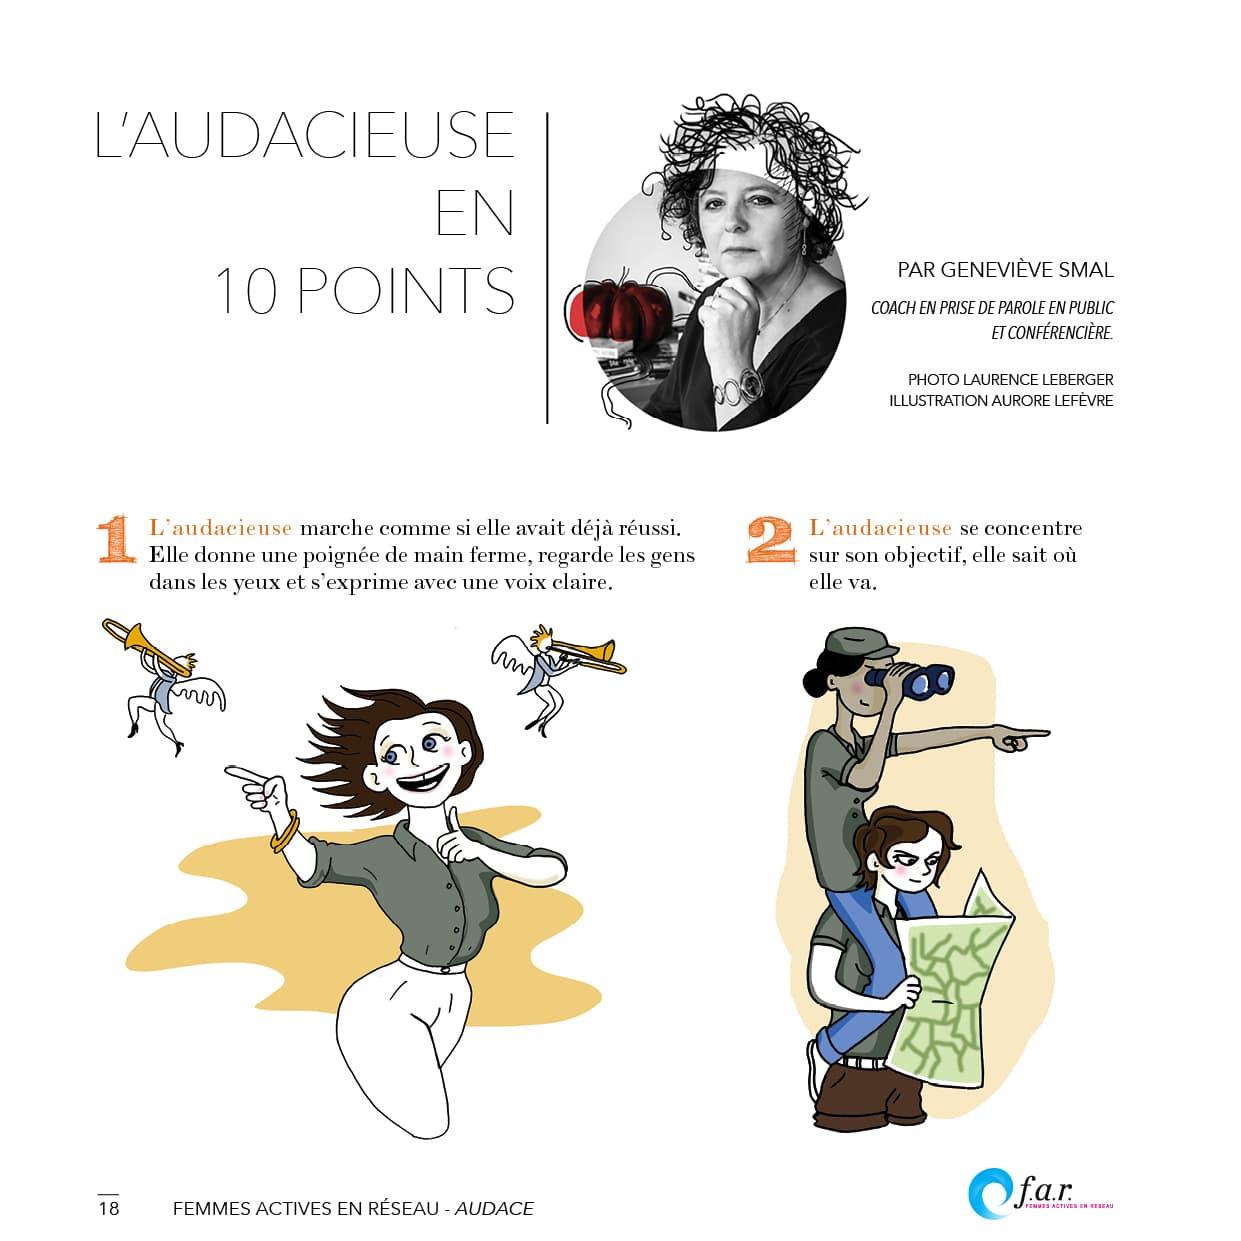 revue-audace-far-10-points